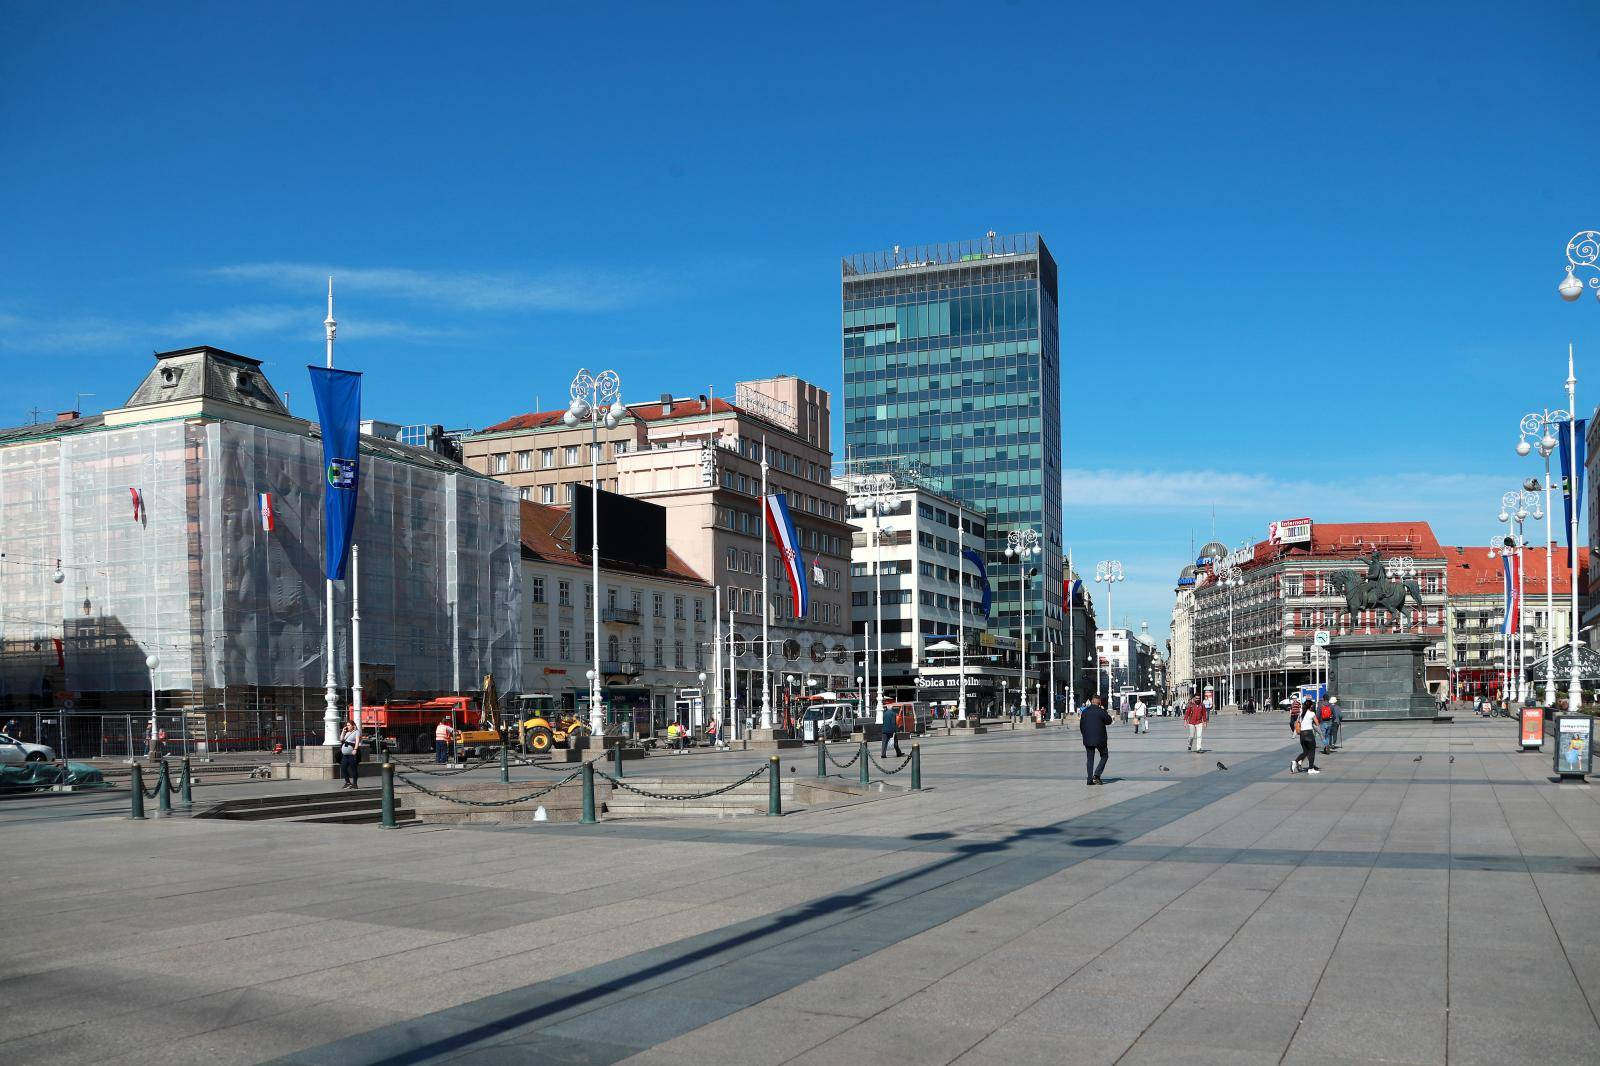 Zagreb: Jutro u centru grada obilježilo toplo i sunčano vrijeme